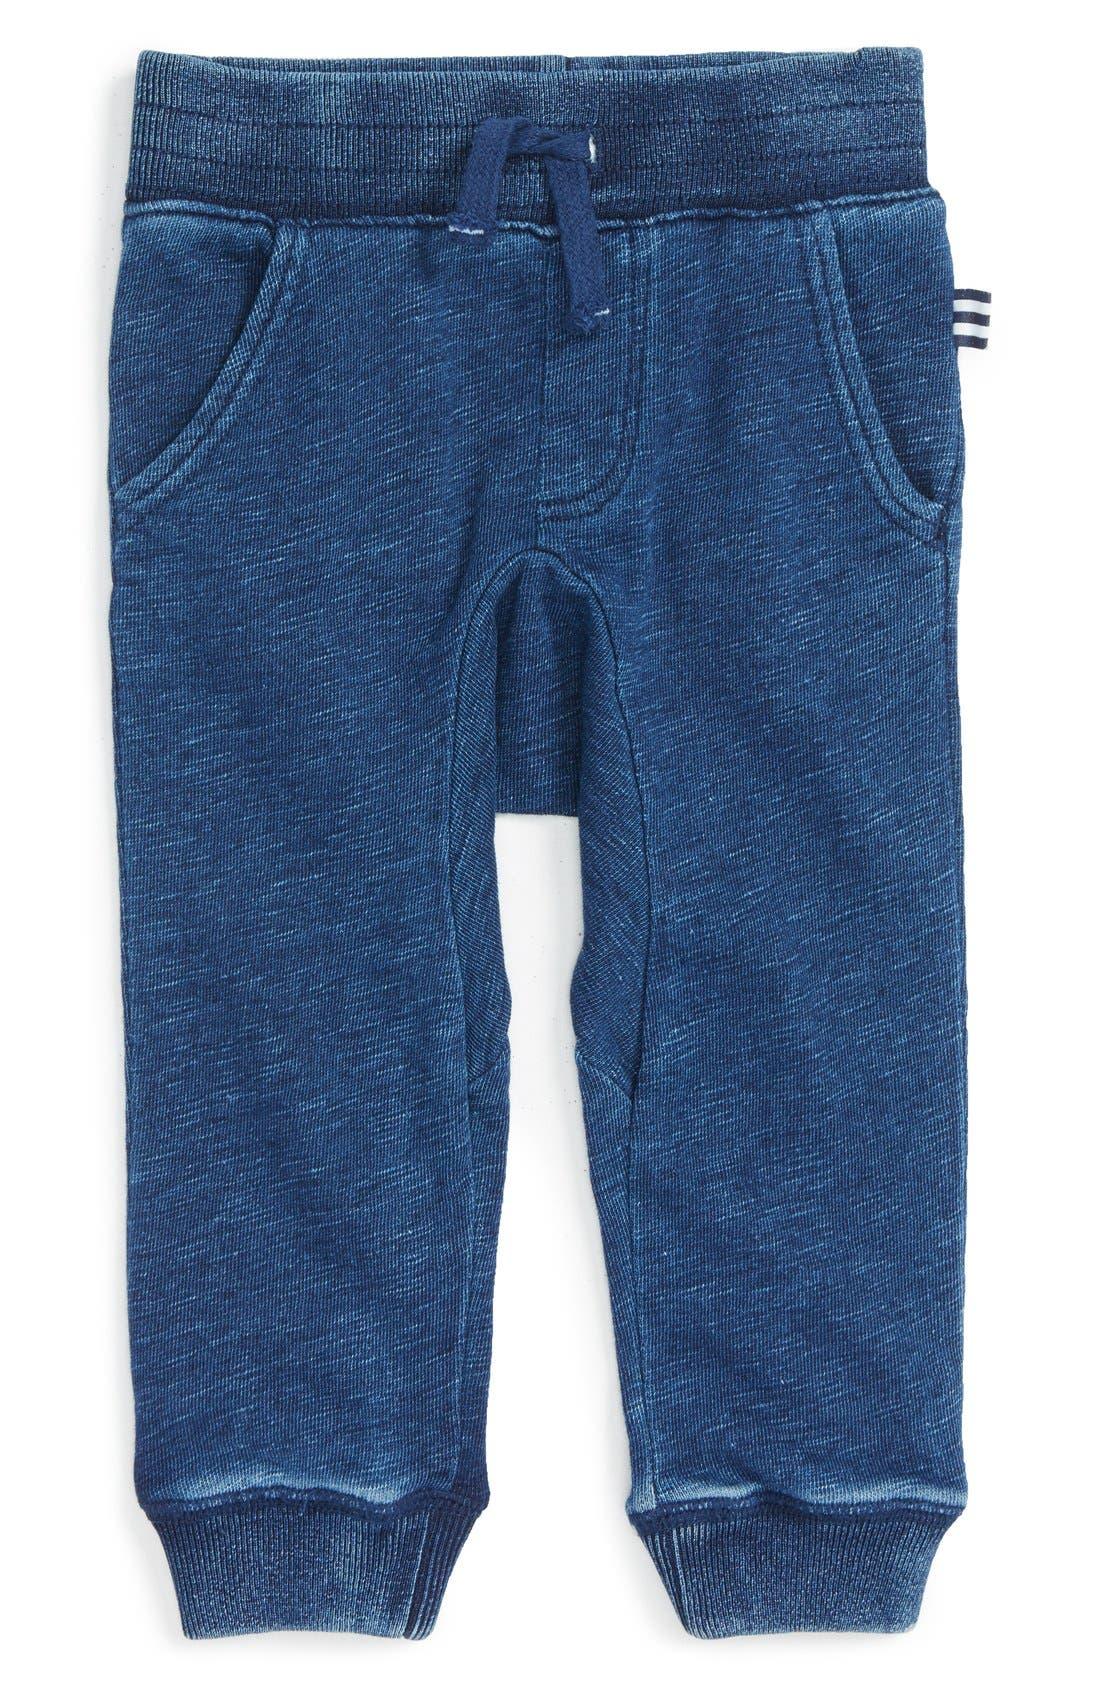 Cotton Blend Jogger Pants,                         Main,                         color, Dark Stone